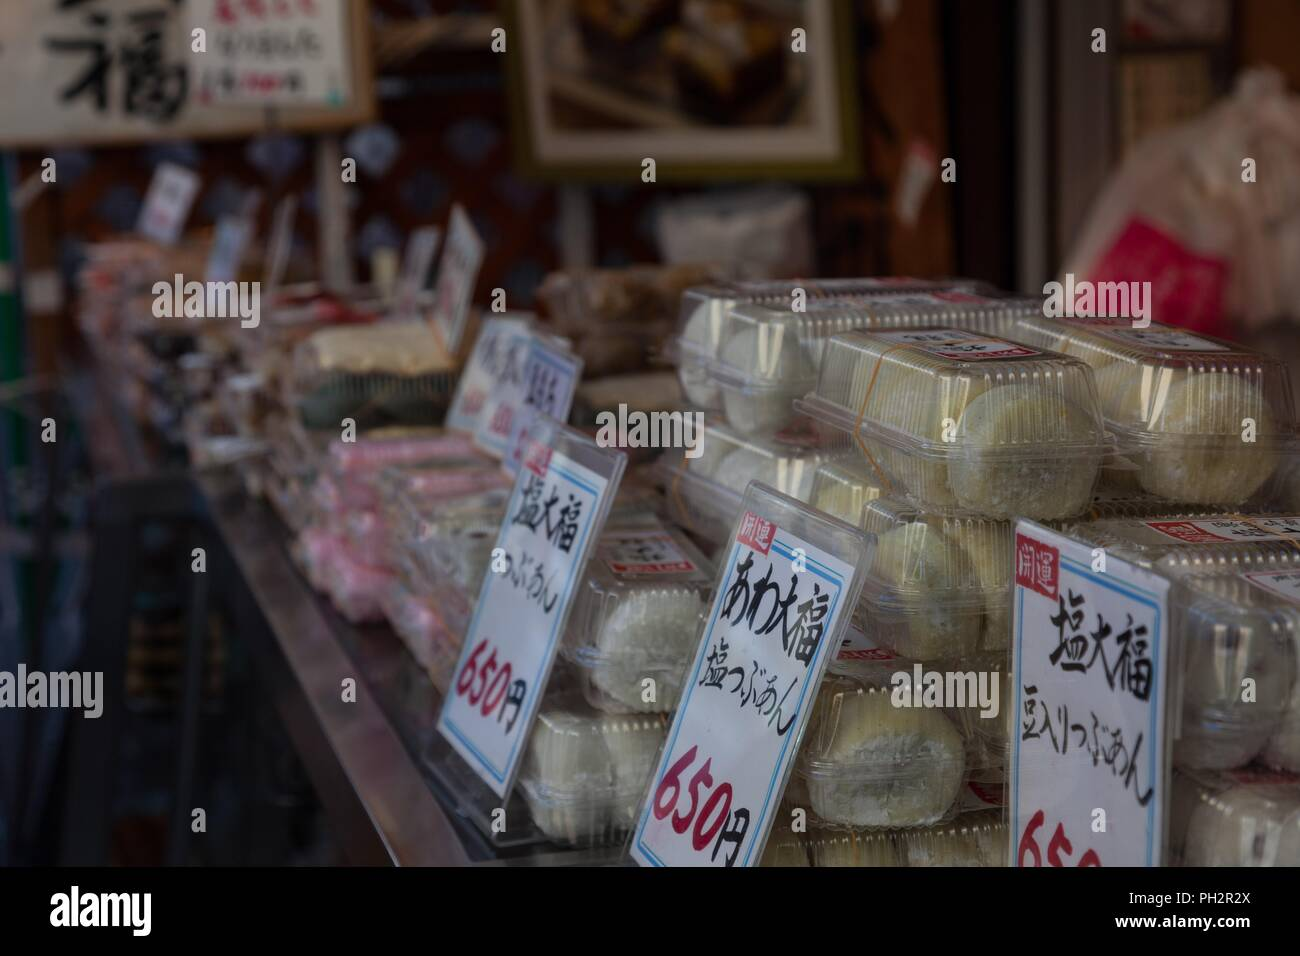 Daifuku, Japanese sweet, shelved in a store at the Jizo-Dori Shopping Street, Sugamo, Tokyo, Japan, December 13, 2017. () - Stock Image